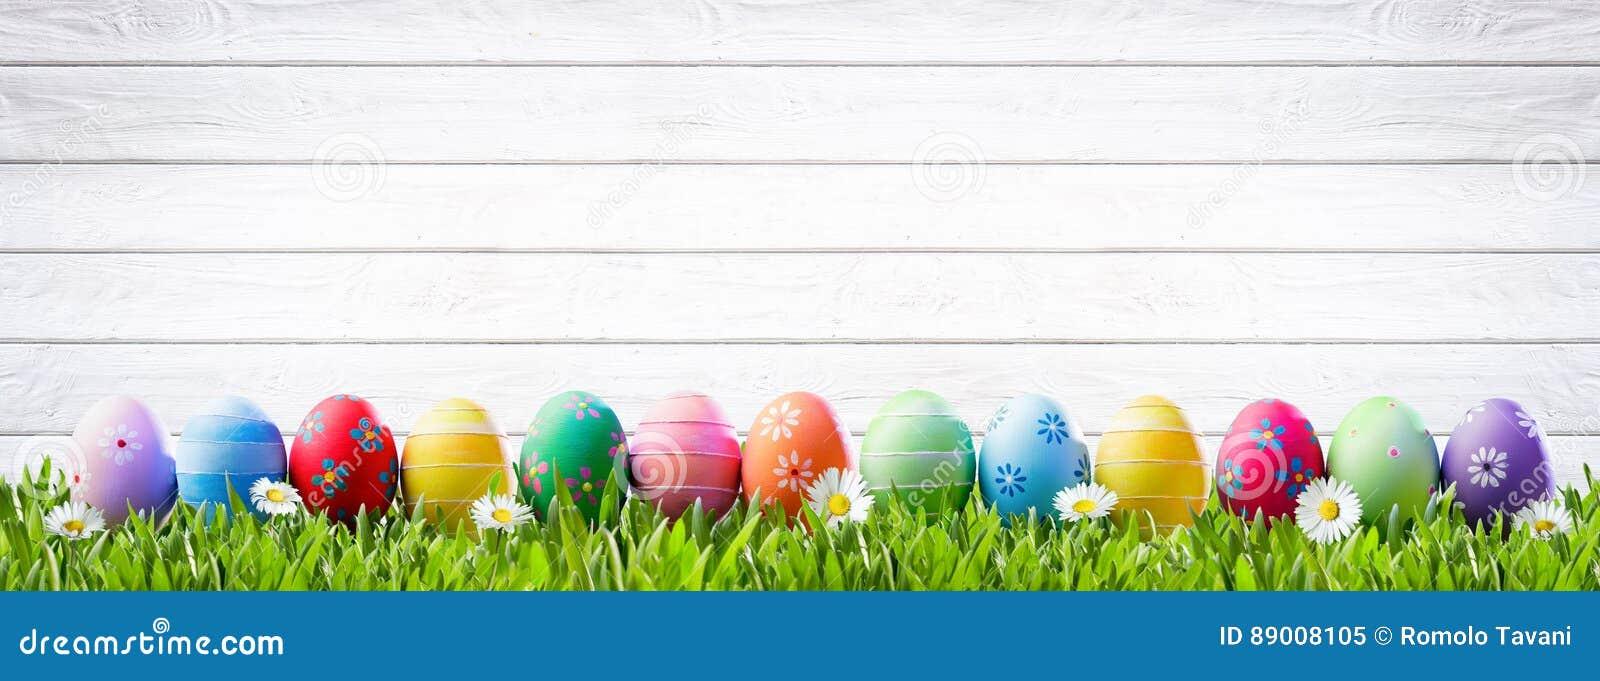 复活节彩蛋行